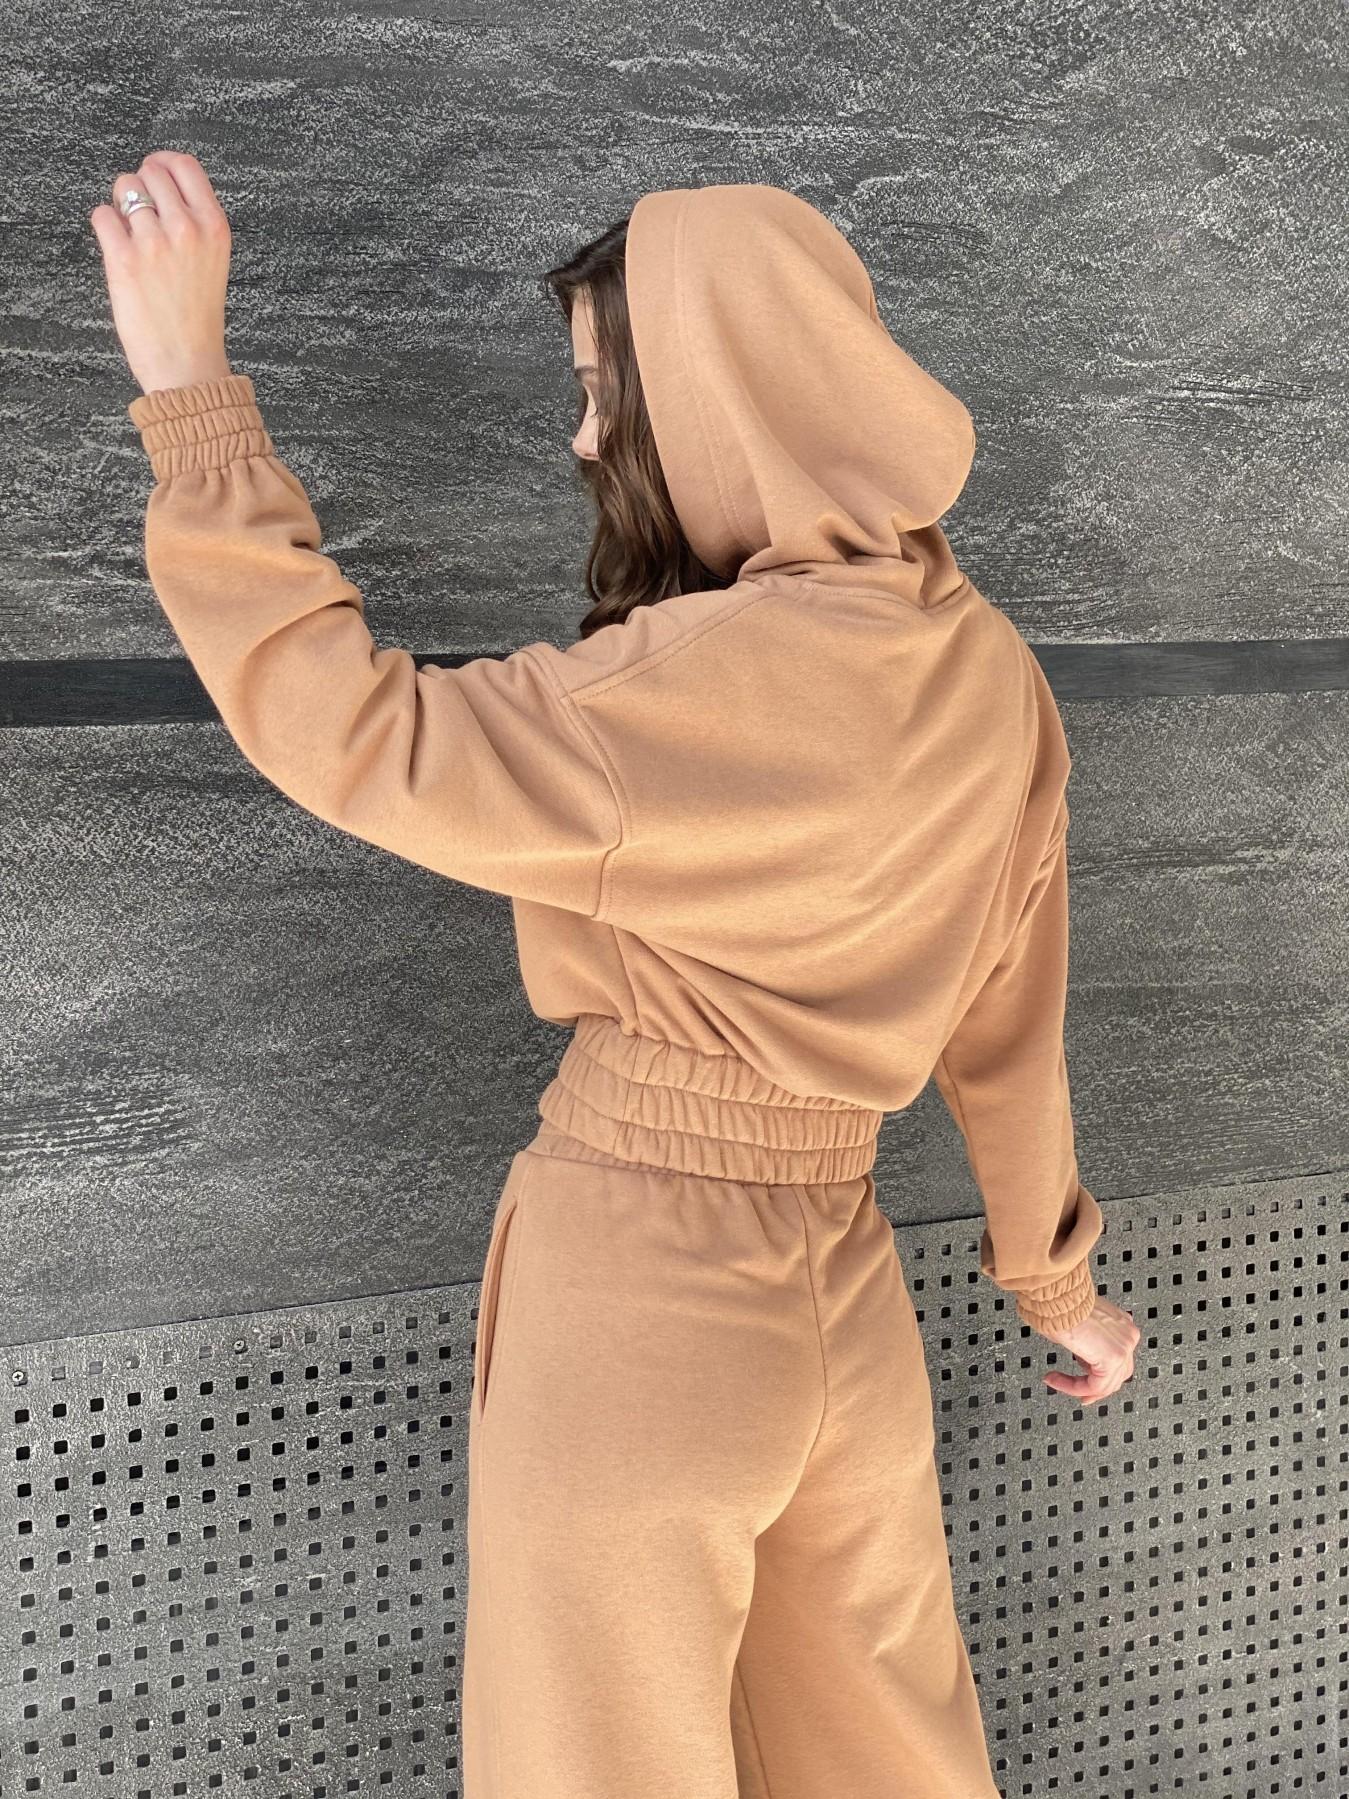 Бейби  прогулочный костюм из 3х нитки 10812 АРТ. 47284 Цвет: Кемел - фото 4, интернет магазин tm-modus.ru